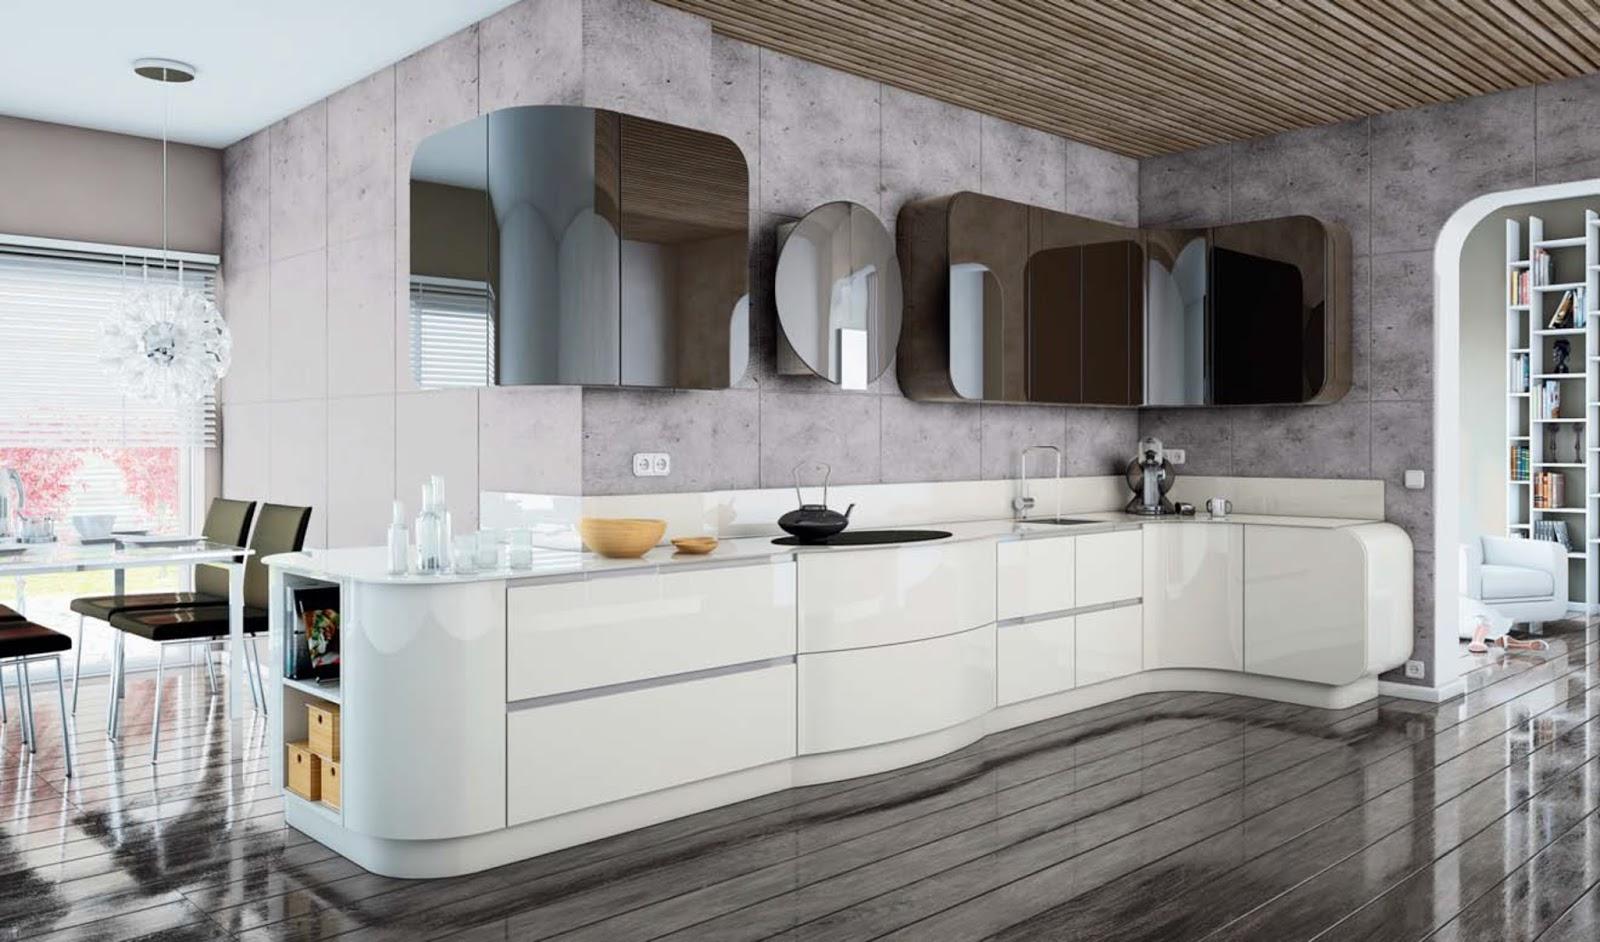 Diseño muebles de cocina: Cocina lacada en blanco y negro ...